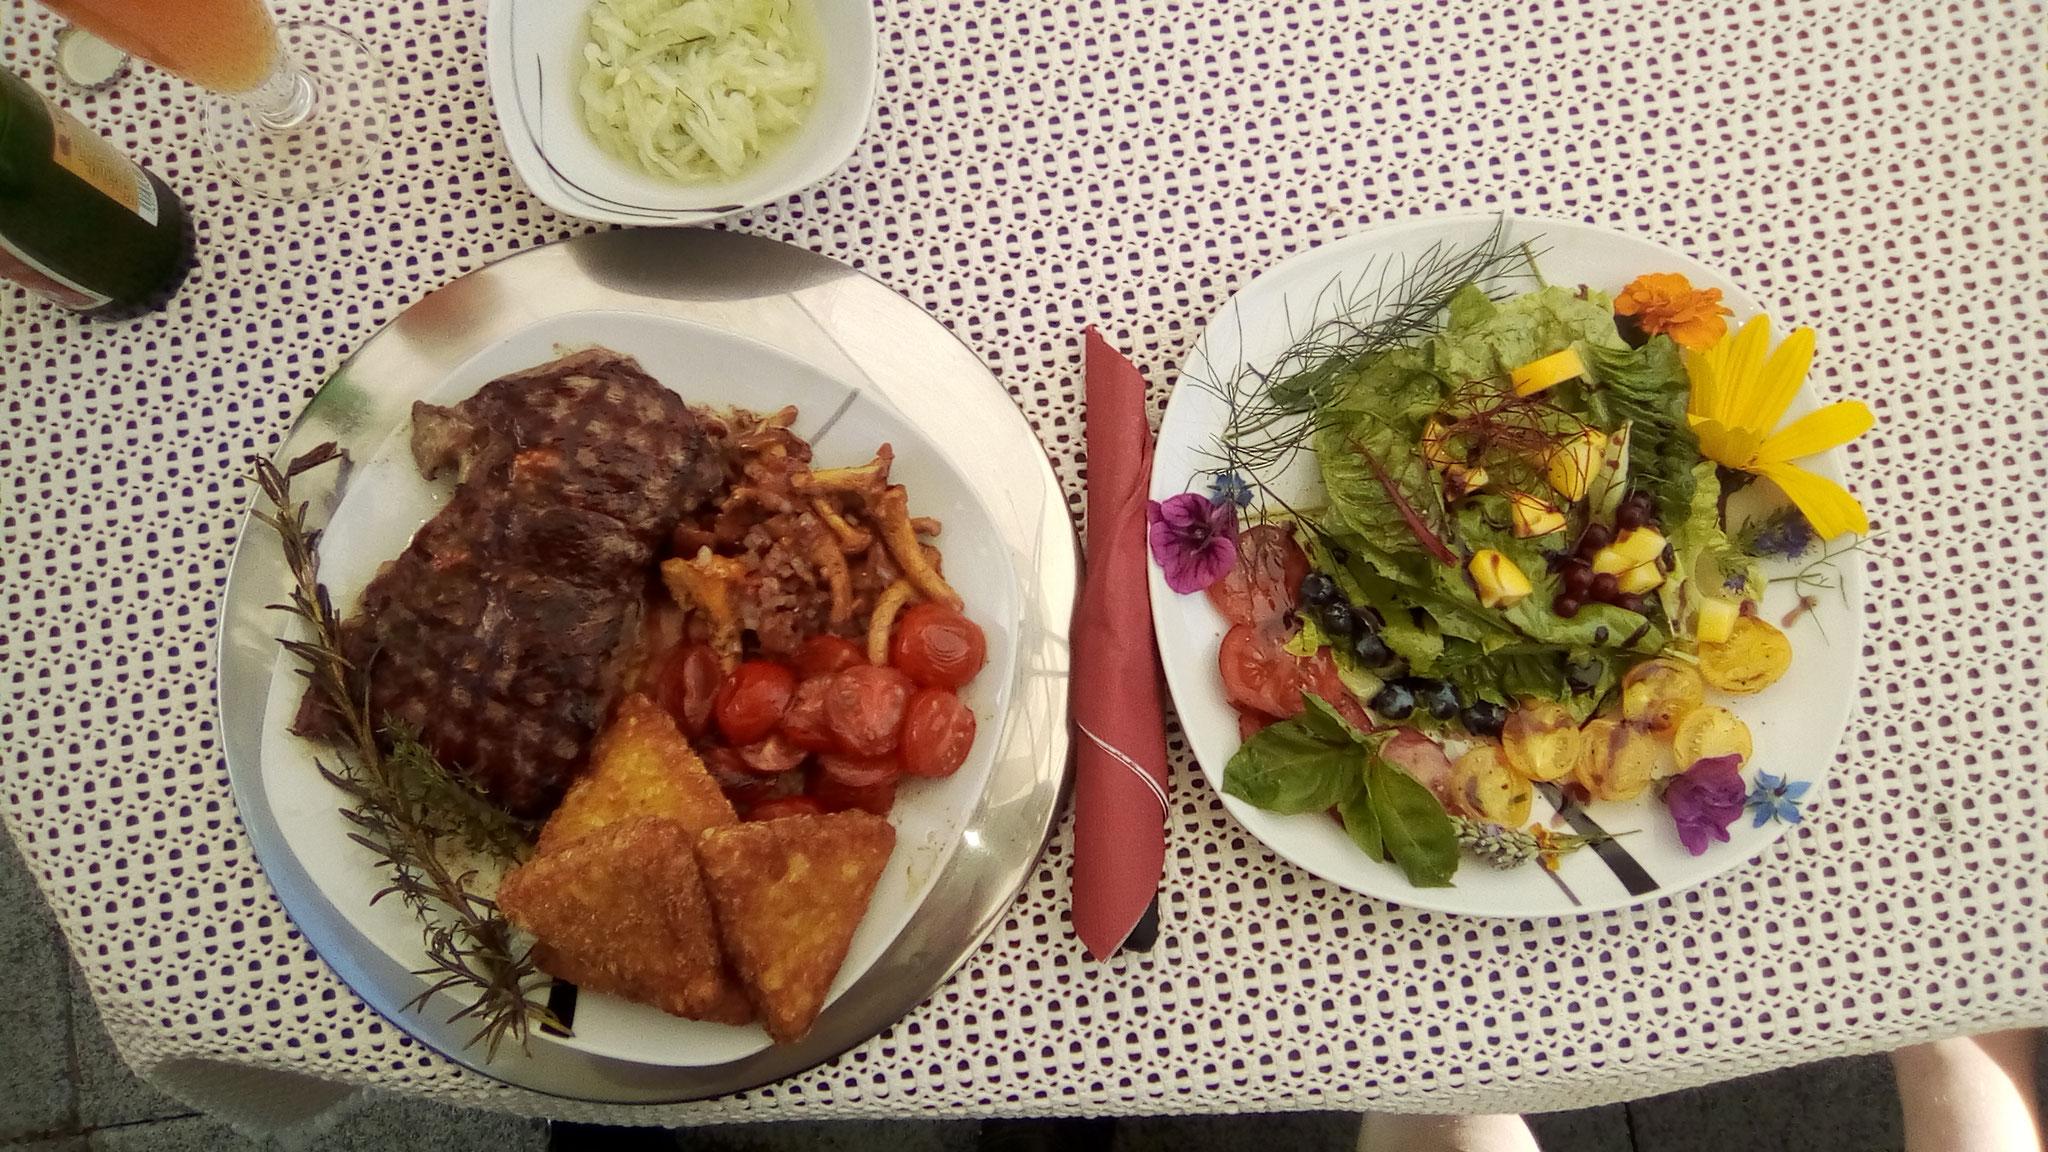 Salatteller mit Steak, Röstiecken und geschmolzenen Tomaten